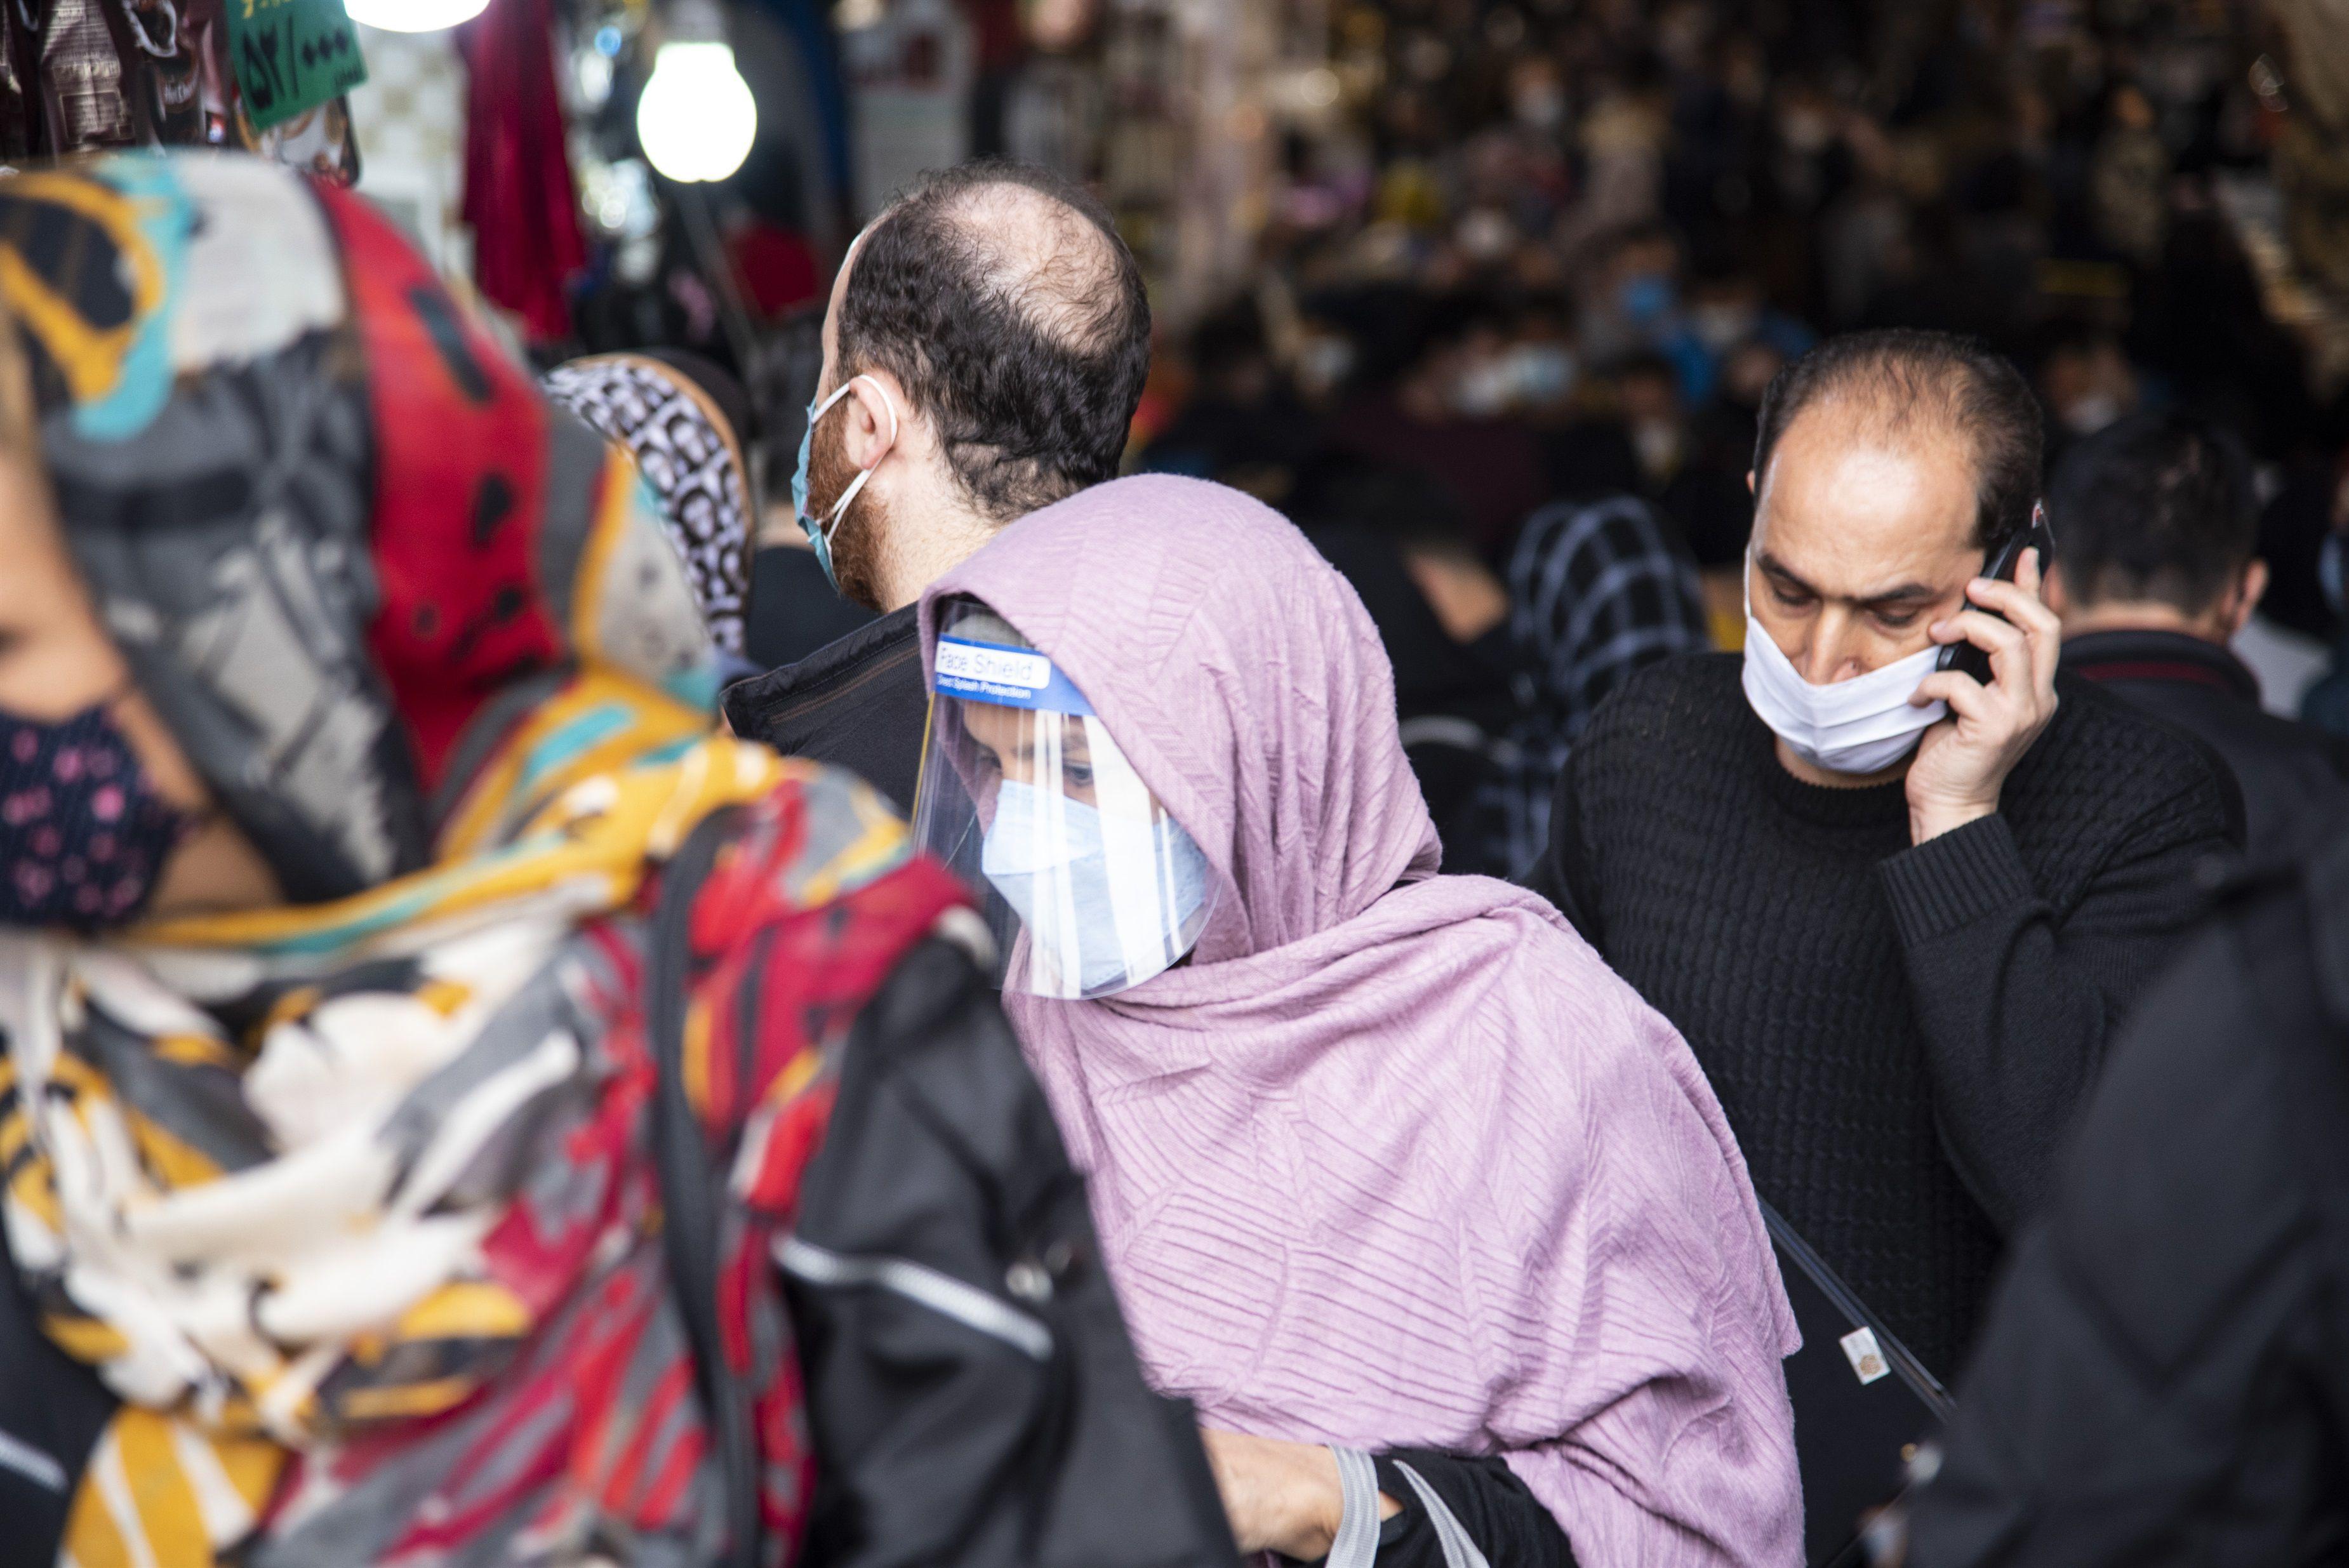 22/02/2021 Una mujer camina por la calle con mascarilla y pantalla facial en Teherán. POLITICA  SOBHAN FARAJVAN / ZUMA PRESS / CONTACTOPHOTO